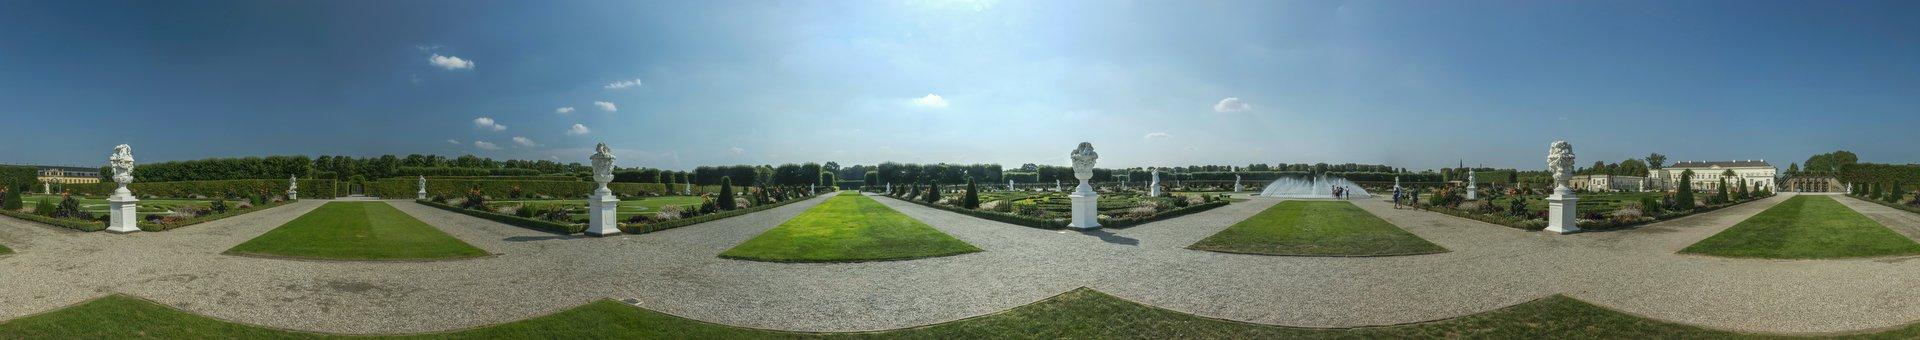 360° Panorama des Parterres bei den Prunkvasen der Jahreszeiten im Großen Garten